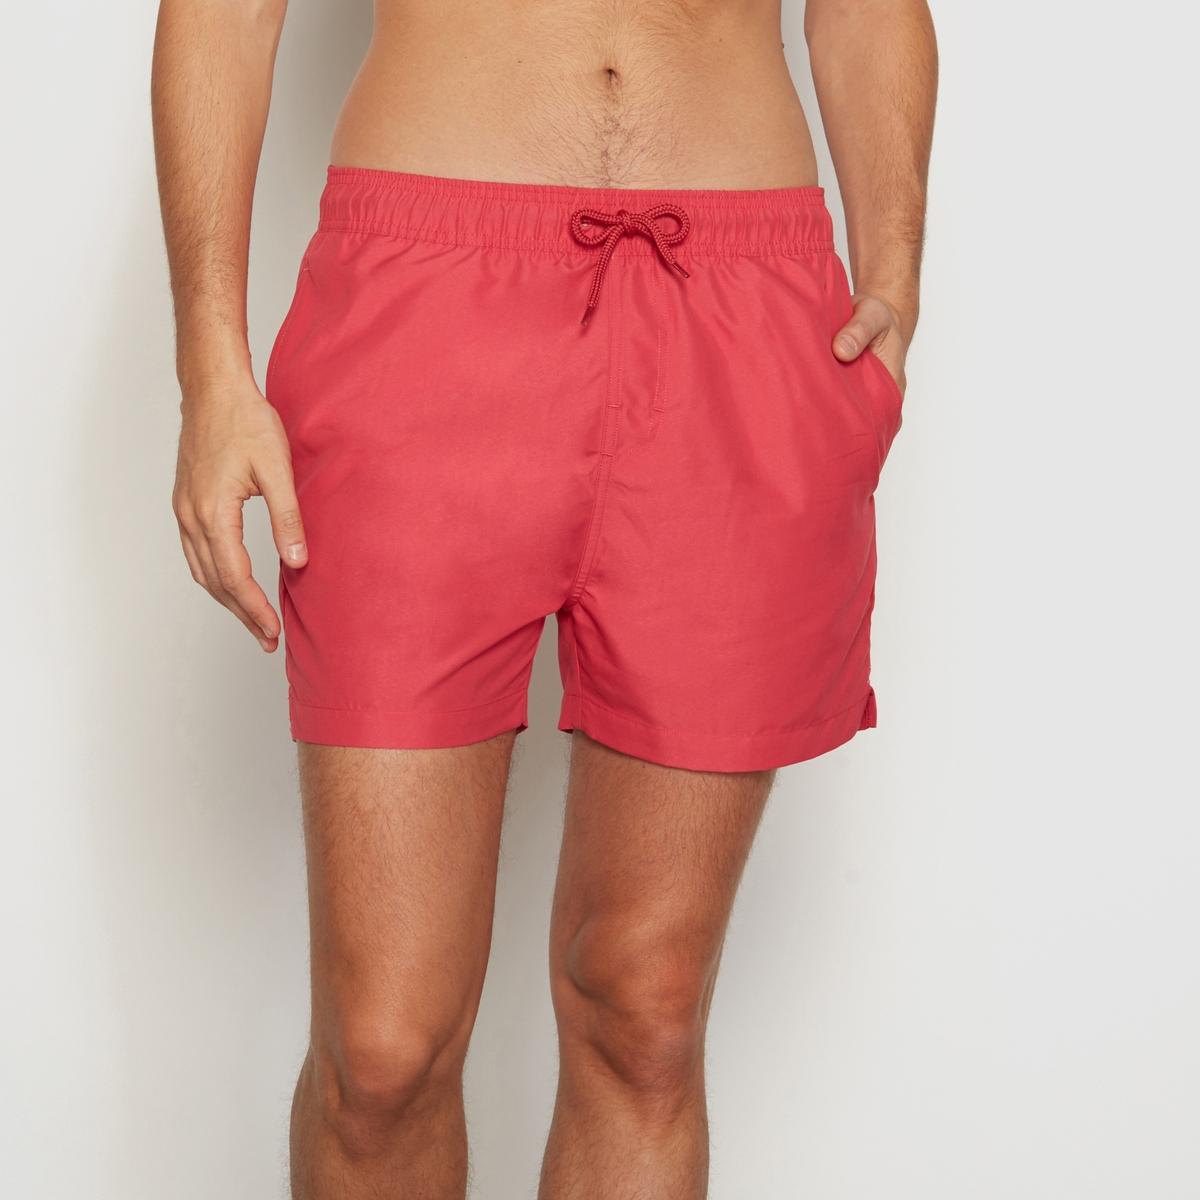 шорты со складками Шорты-боксеры LaRedoute La Redoute M красный